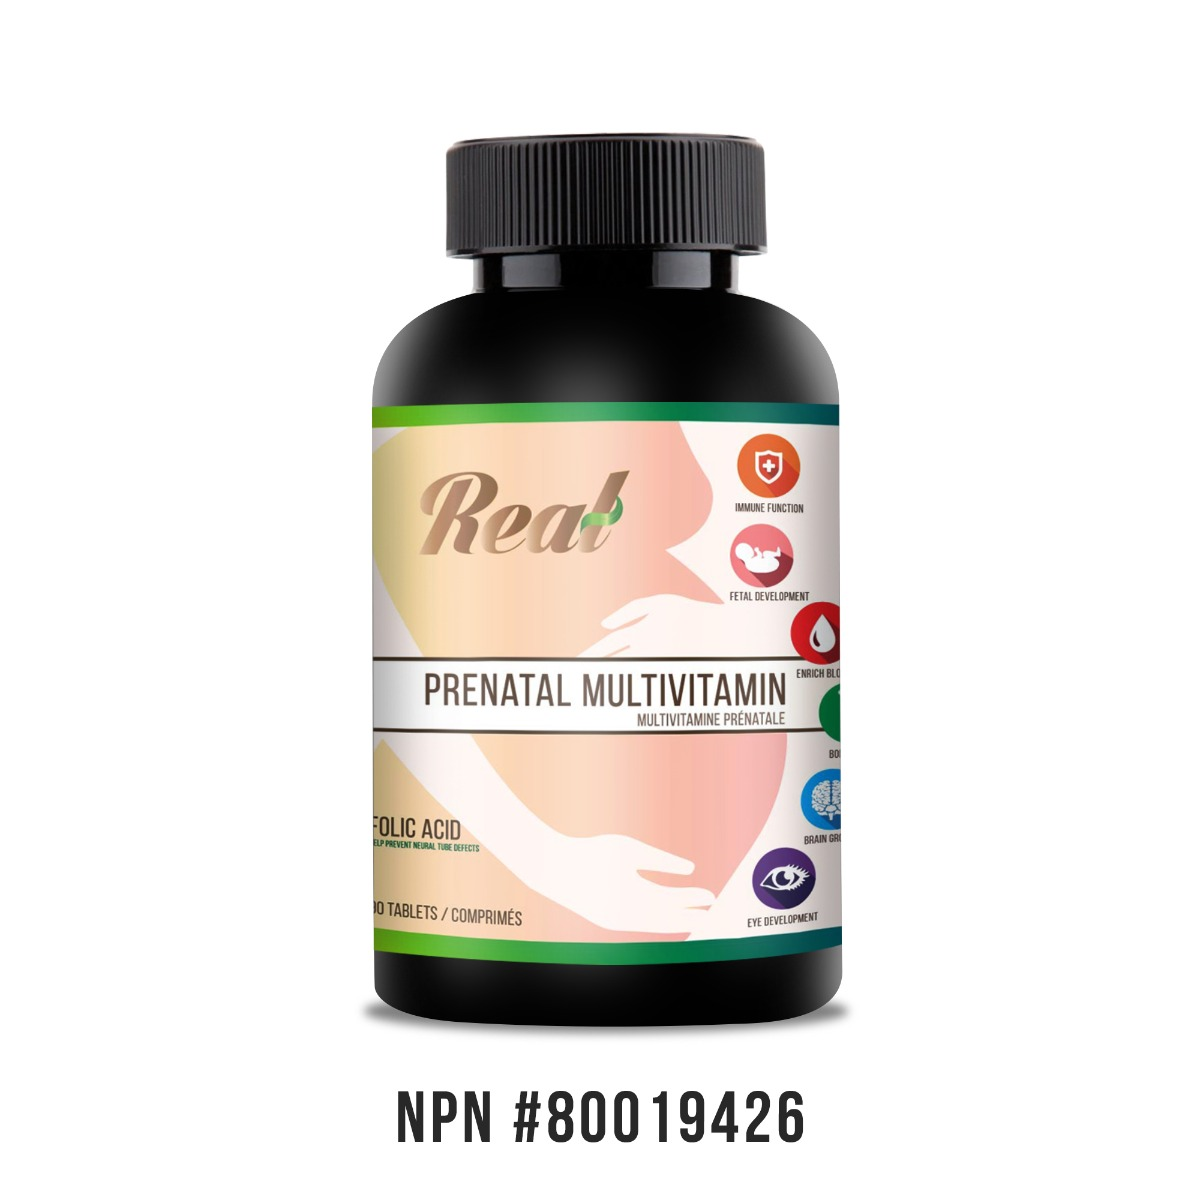 Real • Prenatal Multivitamin Tablets -0